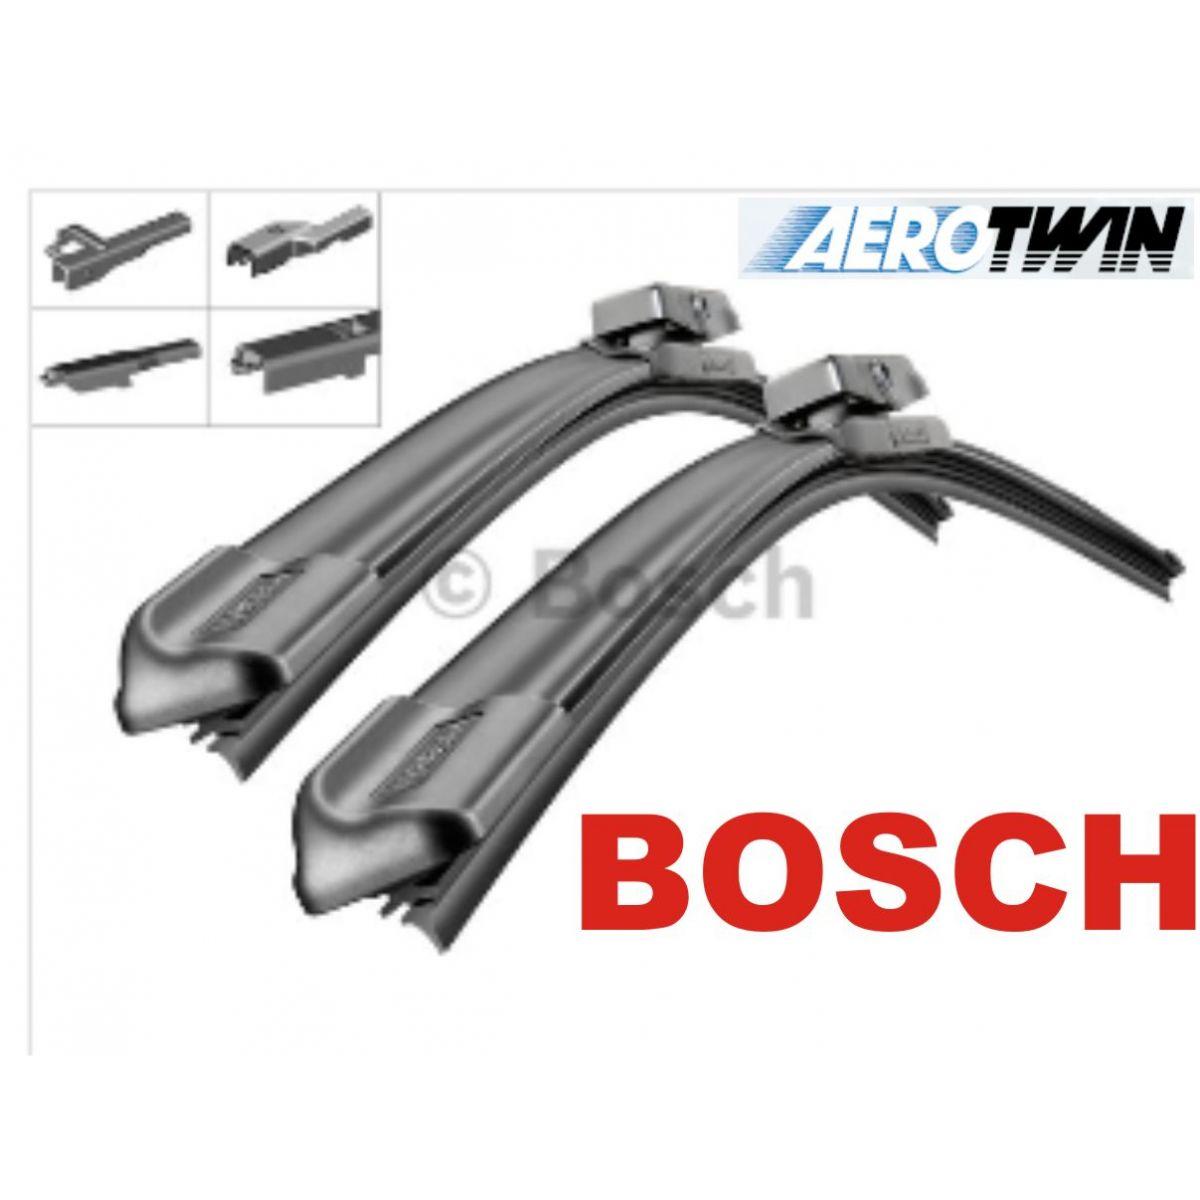 Palheta Bosch Aerotwin Plus Limpador de para brisa Bosch Porsche Cayman ano 2013 em diante